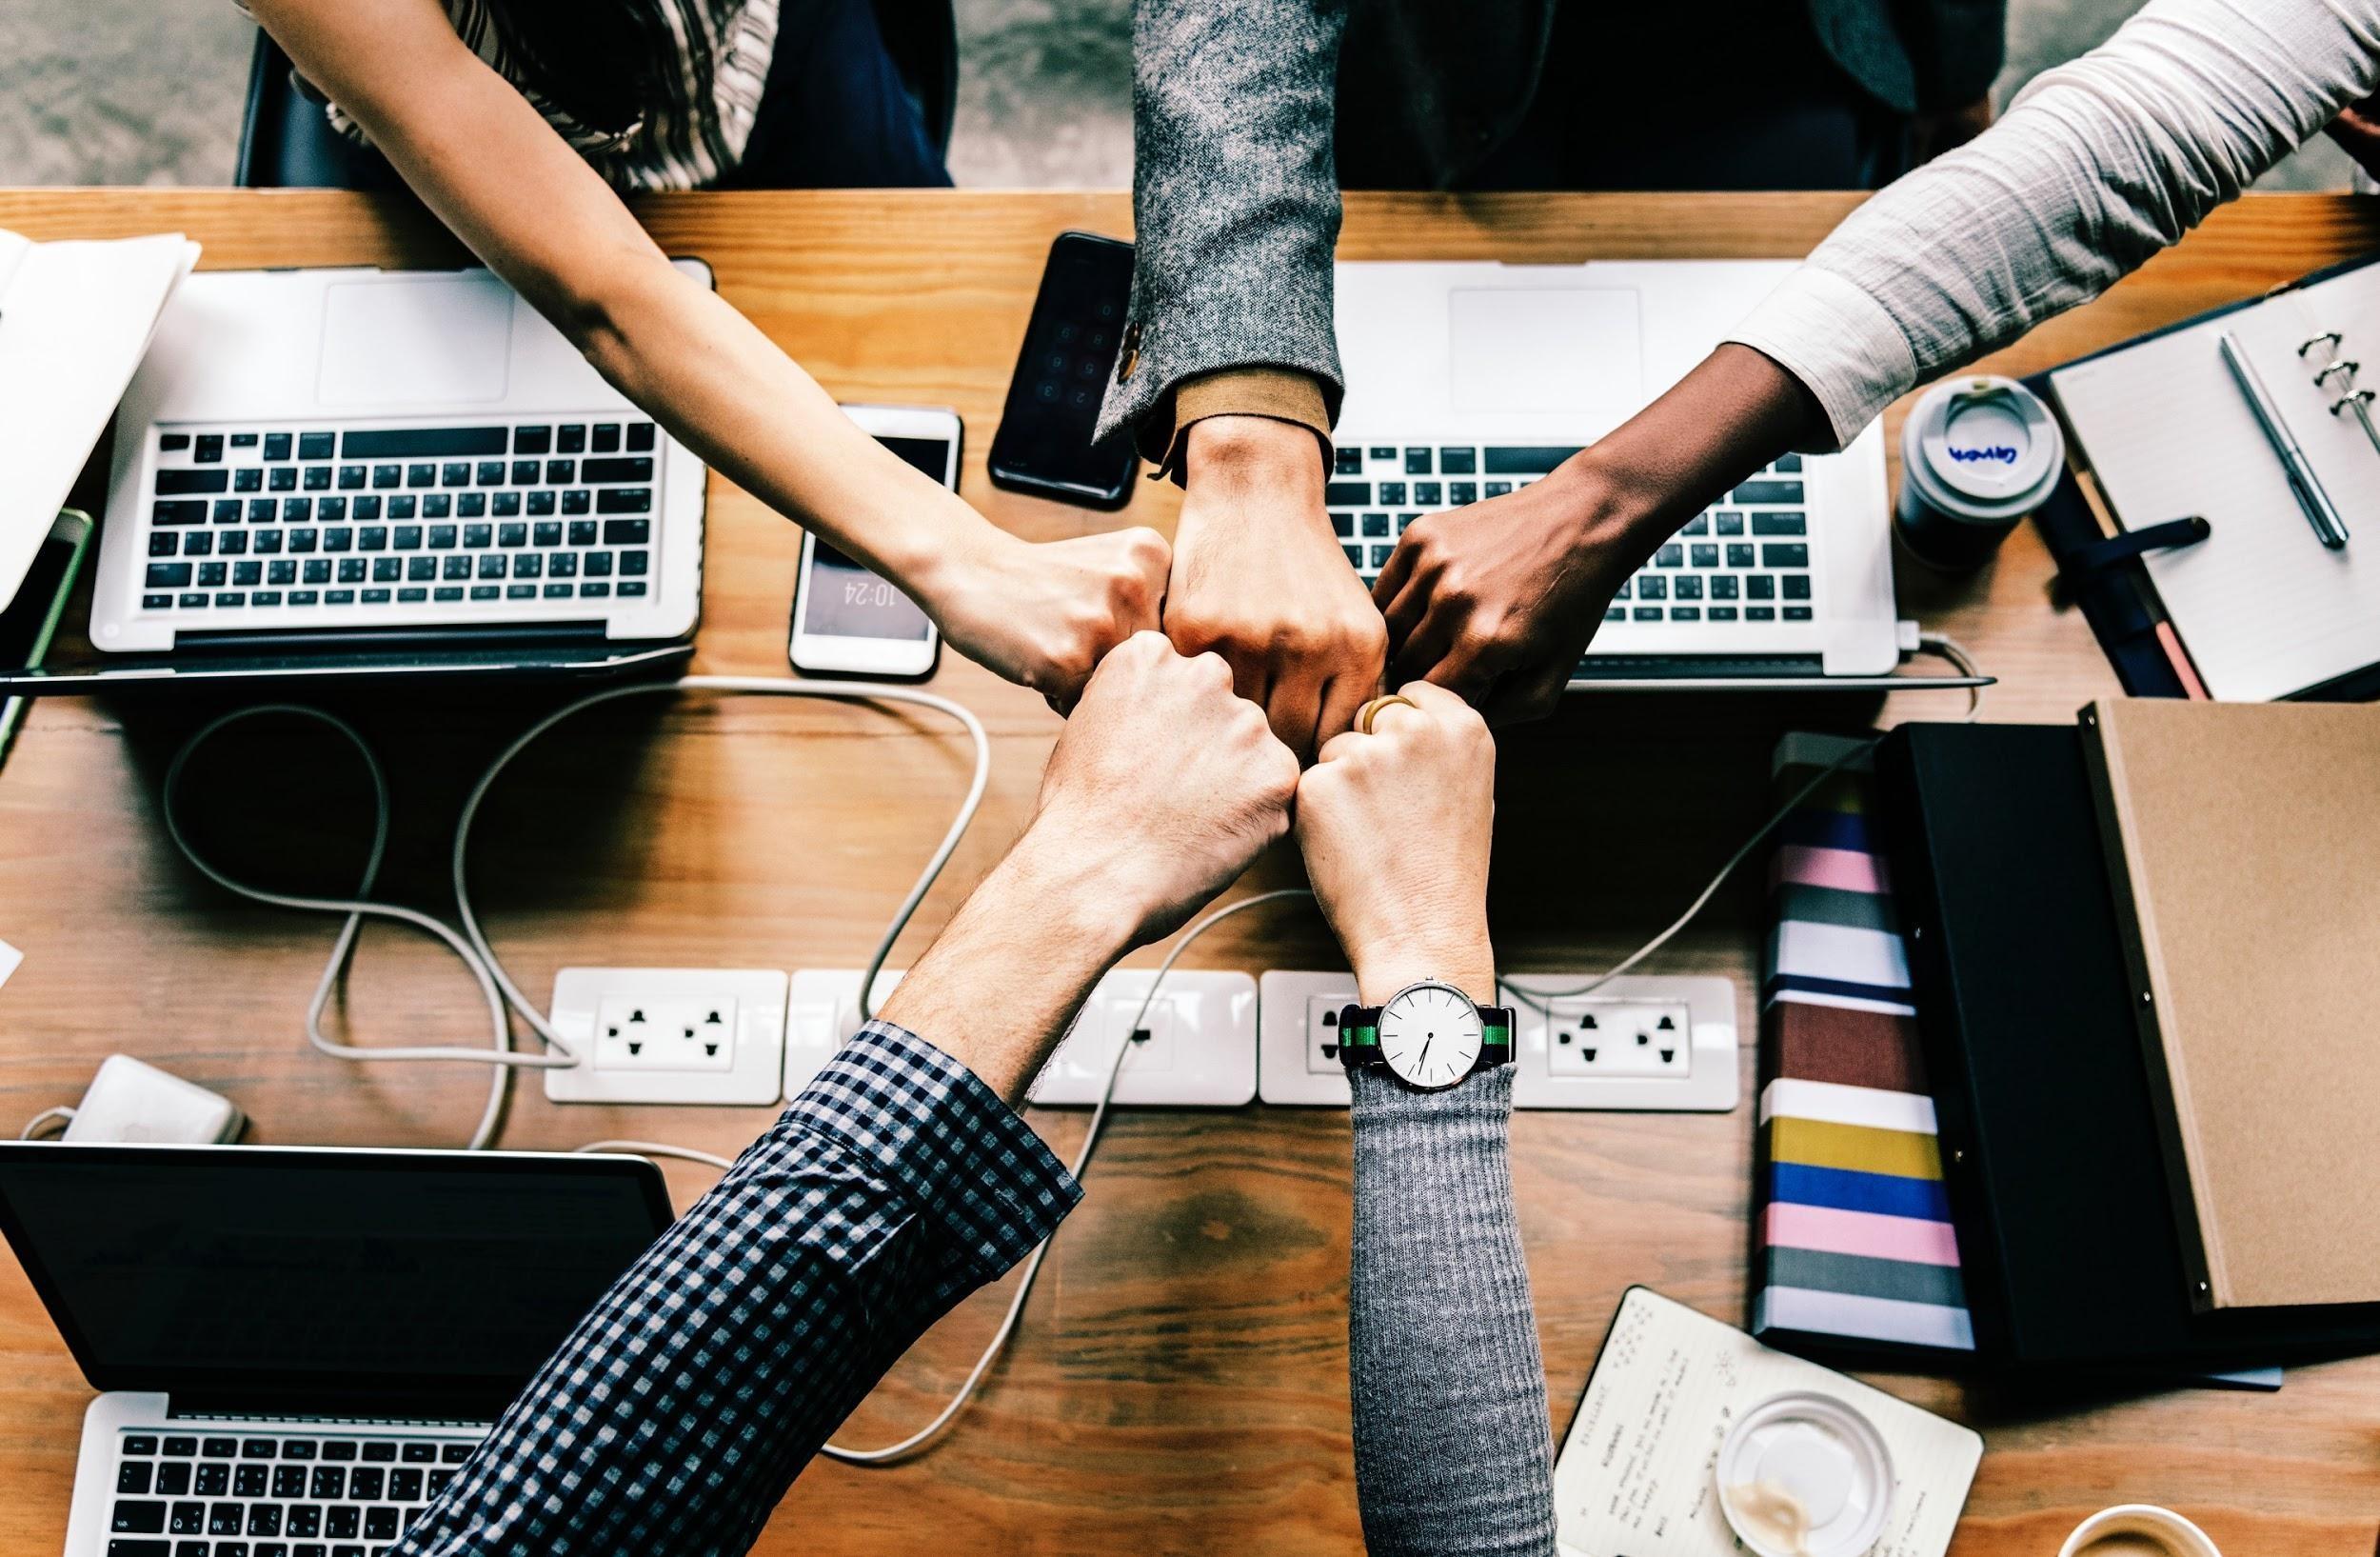 Cómo la comunicación efectiva con tus colaboradores se traduce en mejores resultados